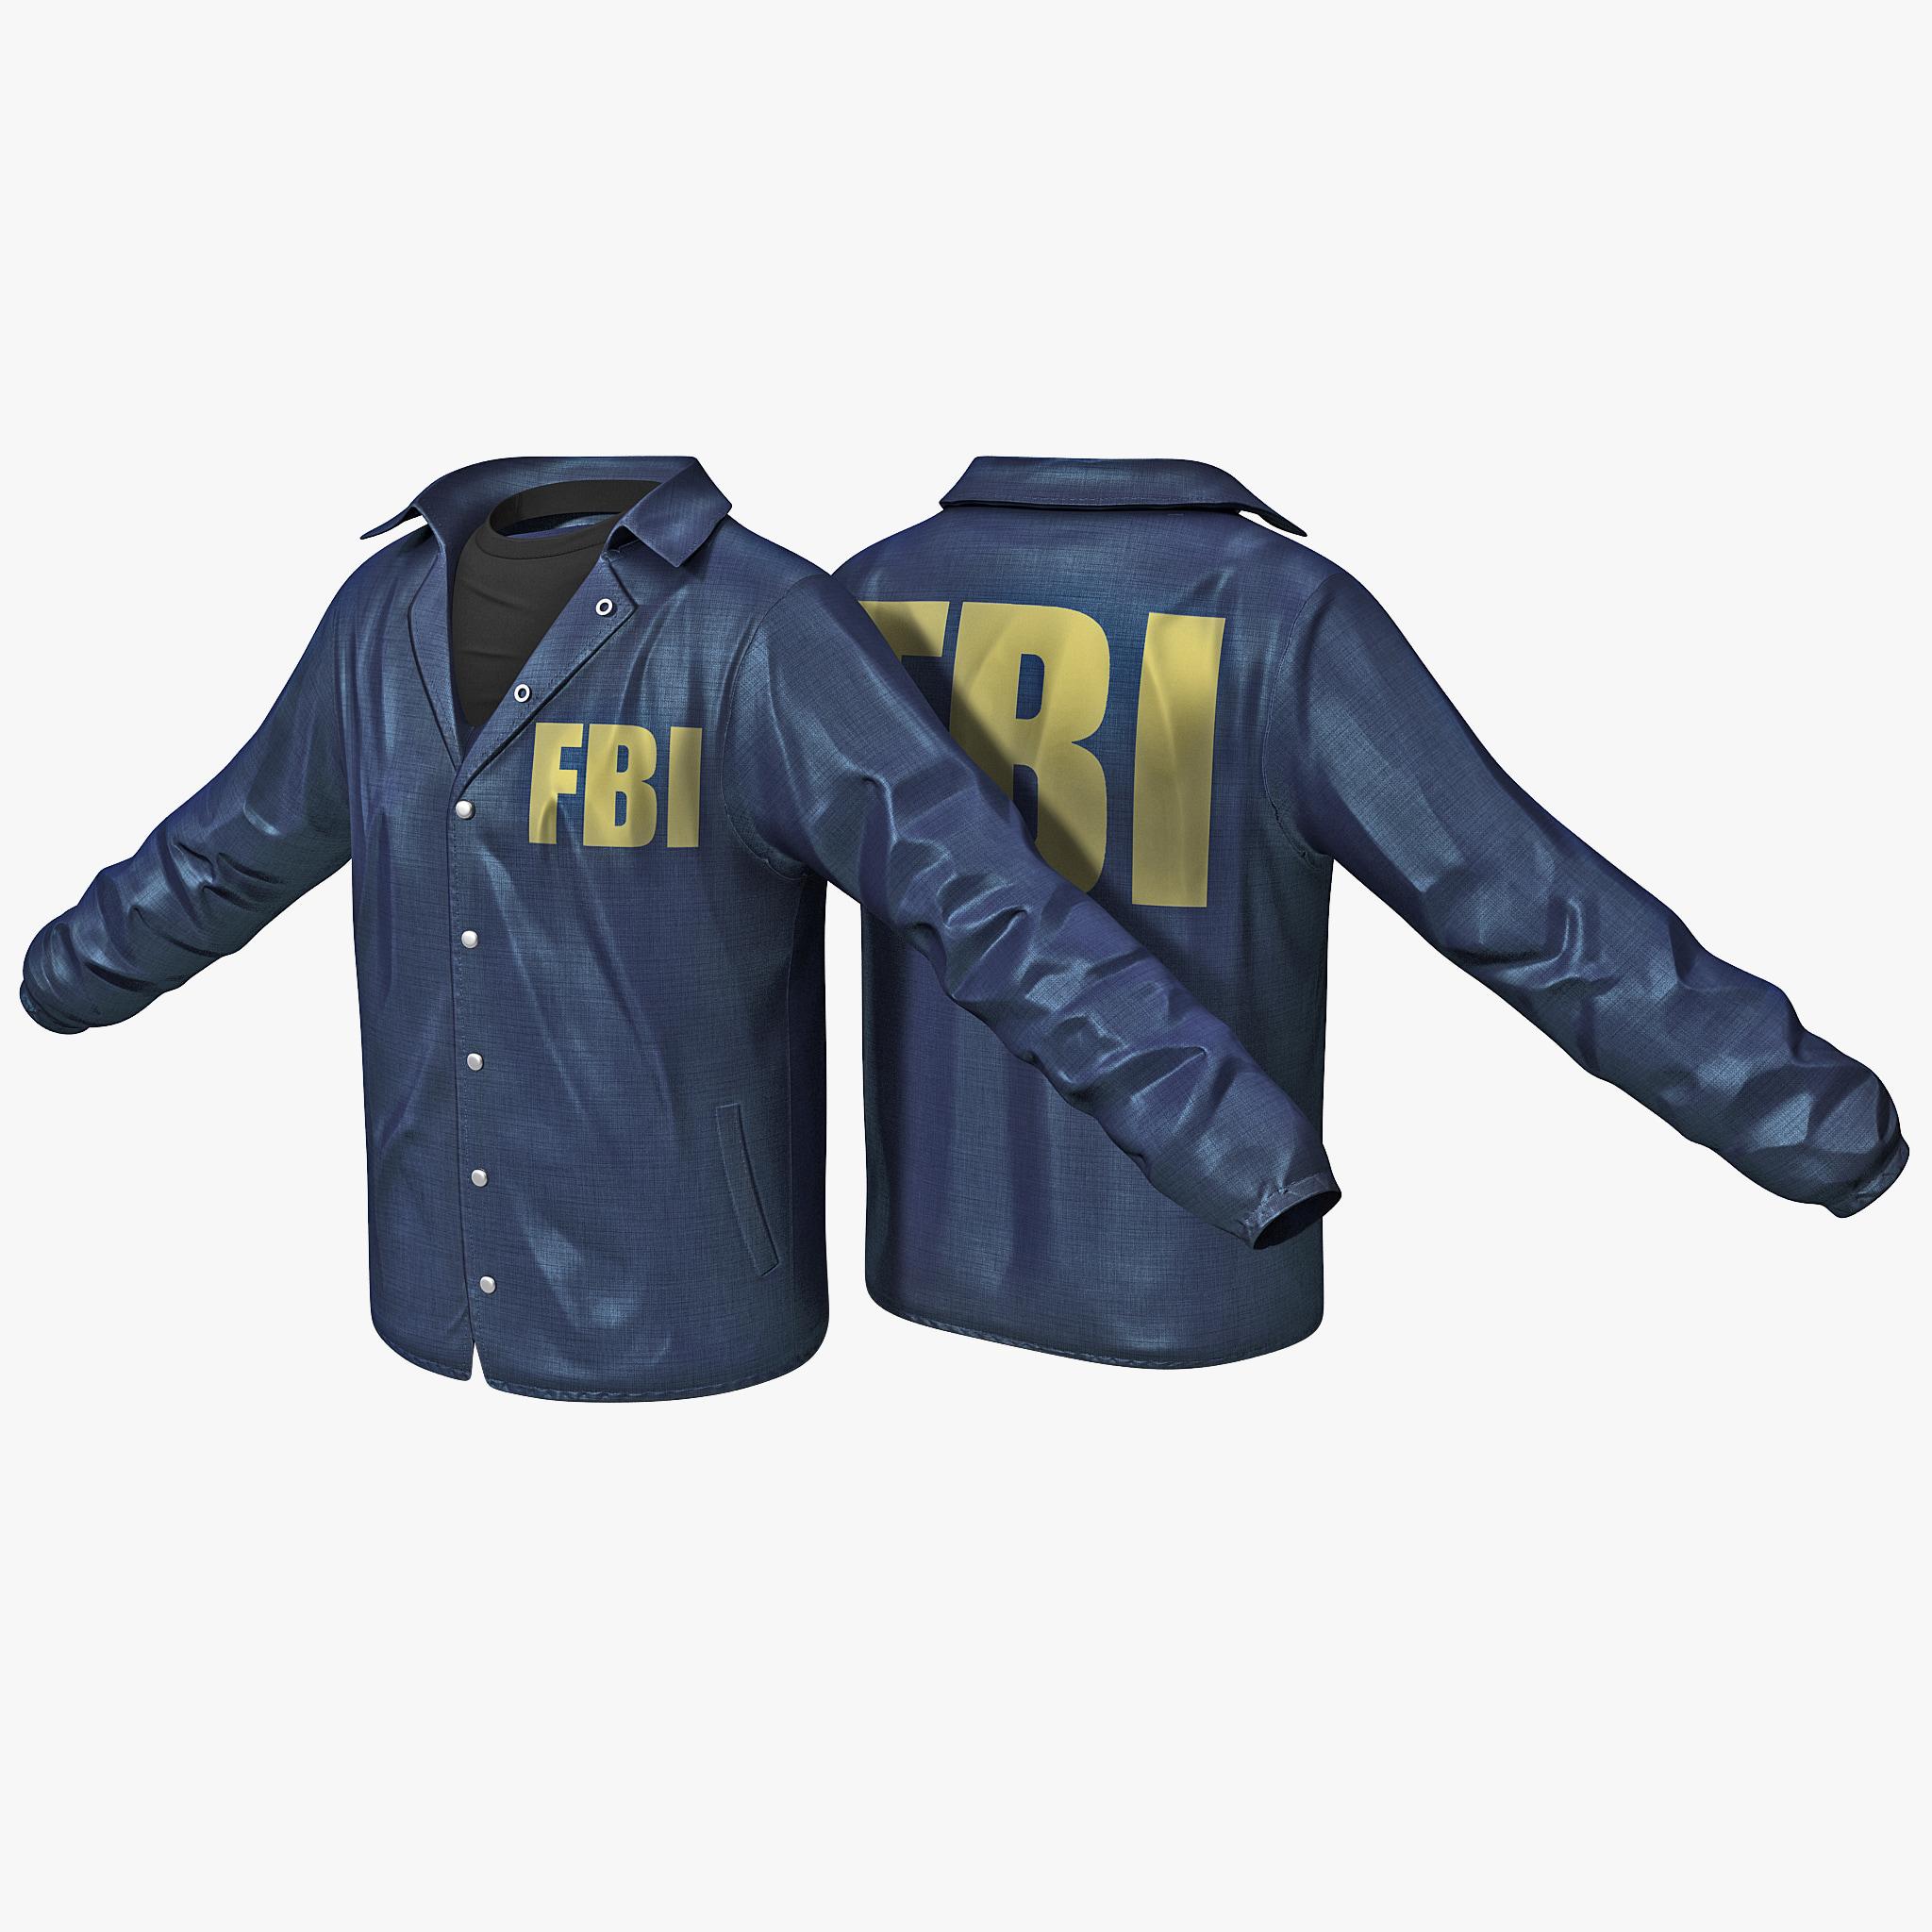 3ds fbi agent shirt